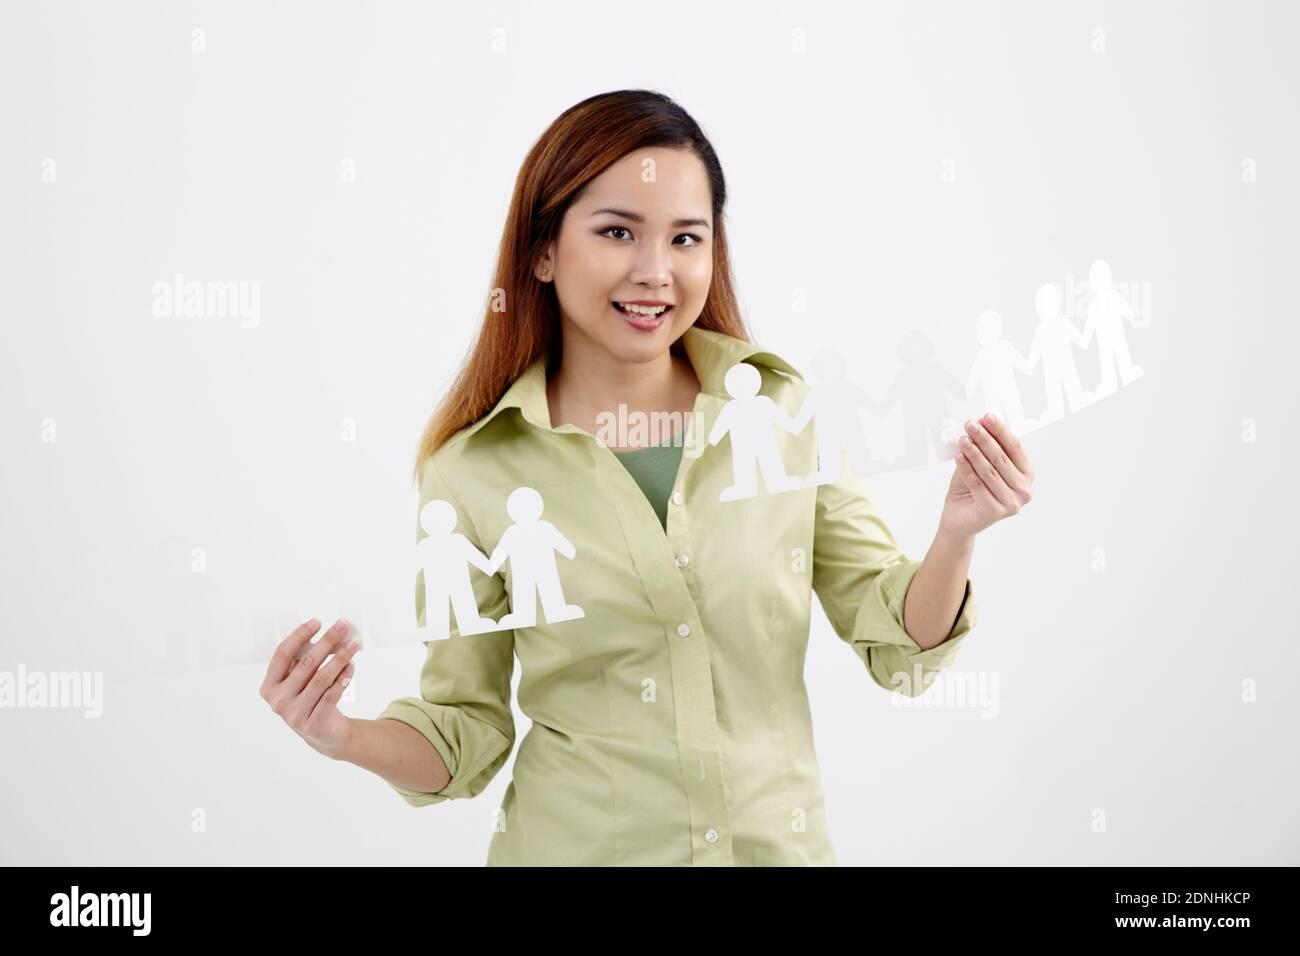 Ritratto di Felice giovane donna che tiene persone catene di carta contro sfondo bianco Foto Stock